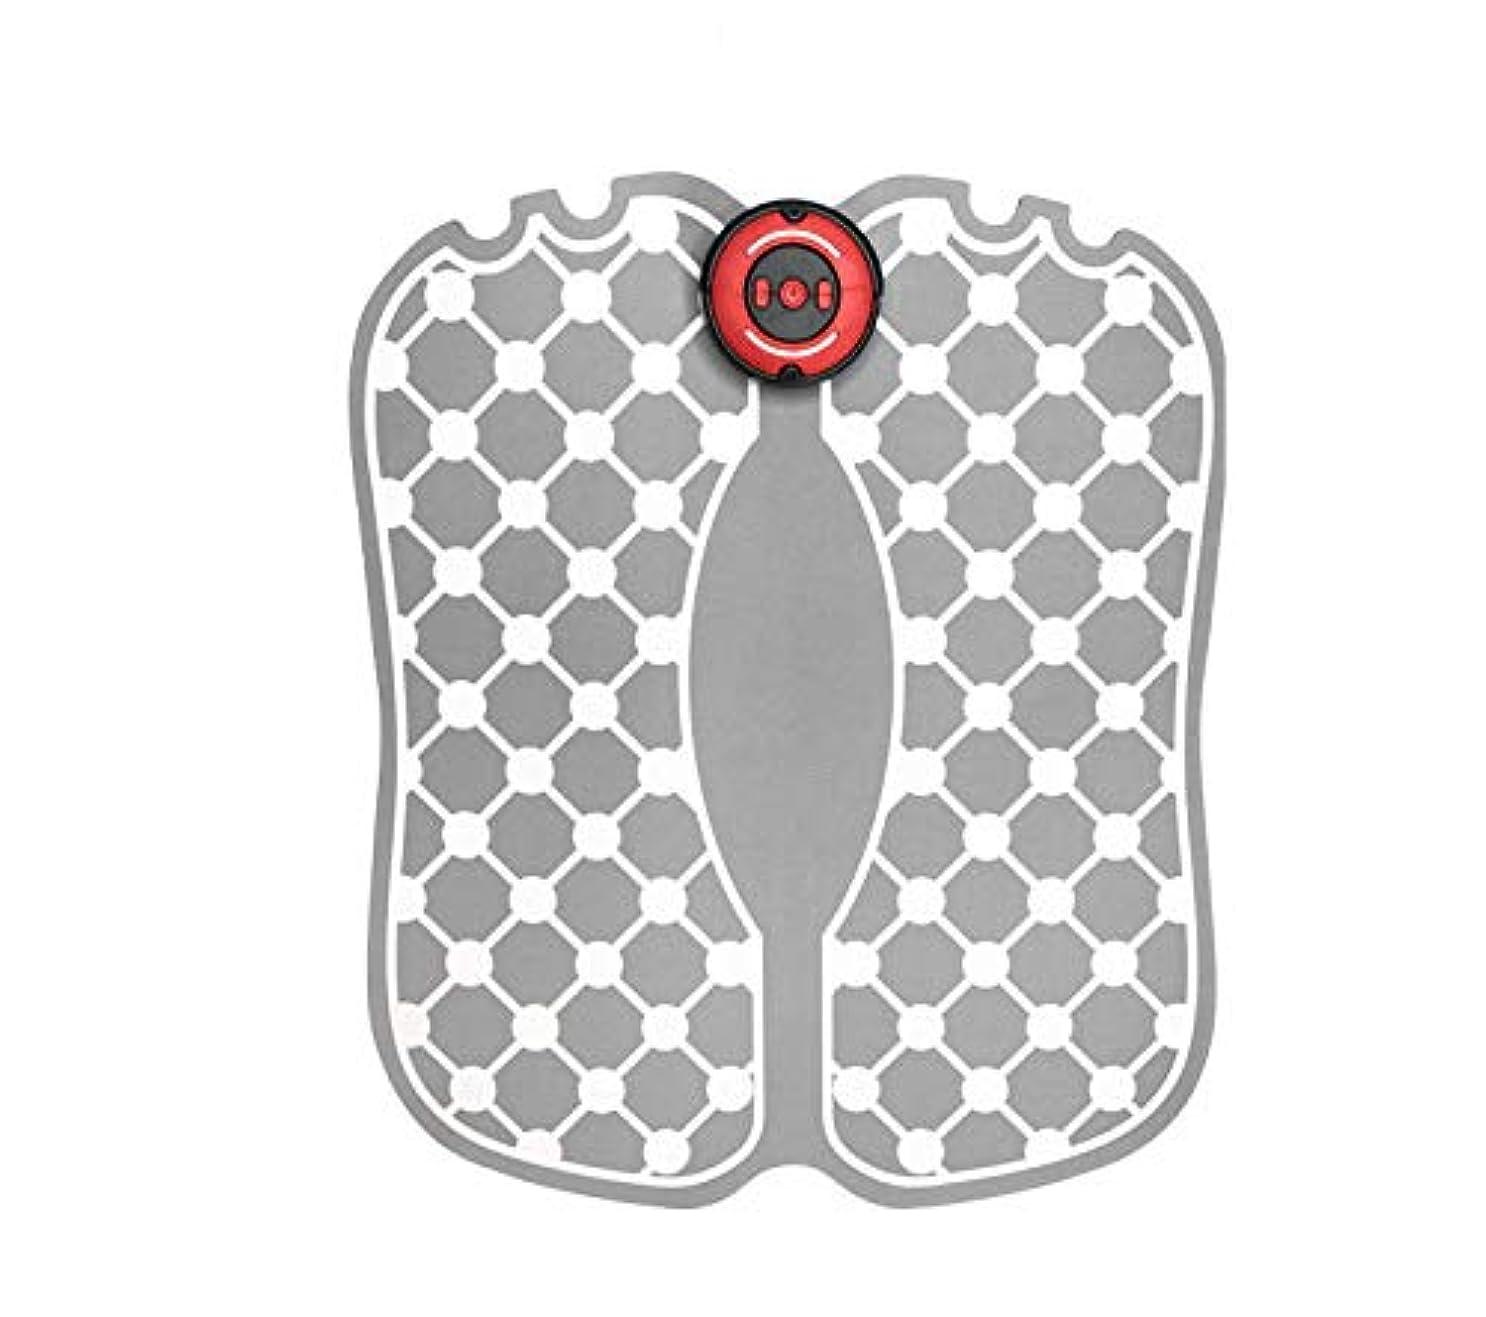 本部仮装人形Cckrm電気フットマッサージャー加熱、フルオートマチックフィートマッサージャーと切り替え可能な熱機能、深練りホームオフィスの足の痛みを和らげるために